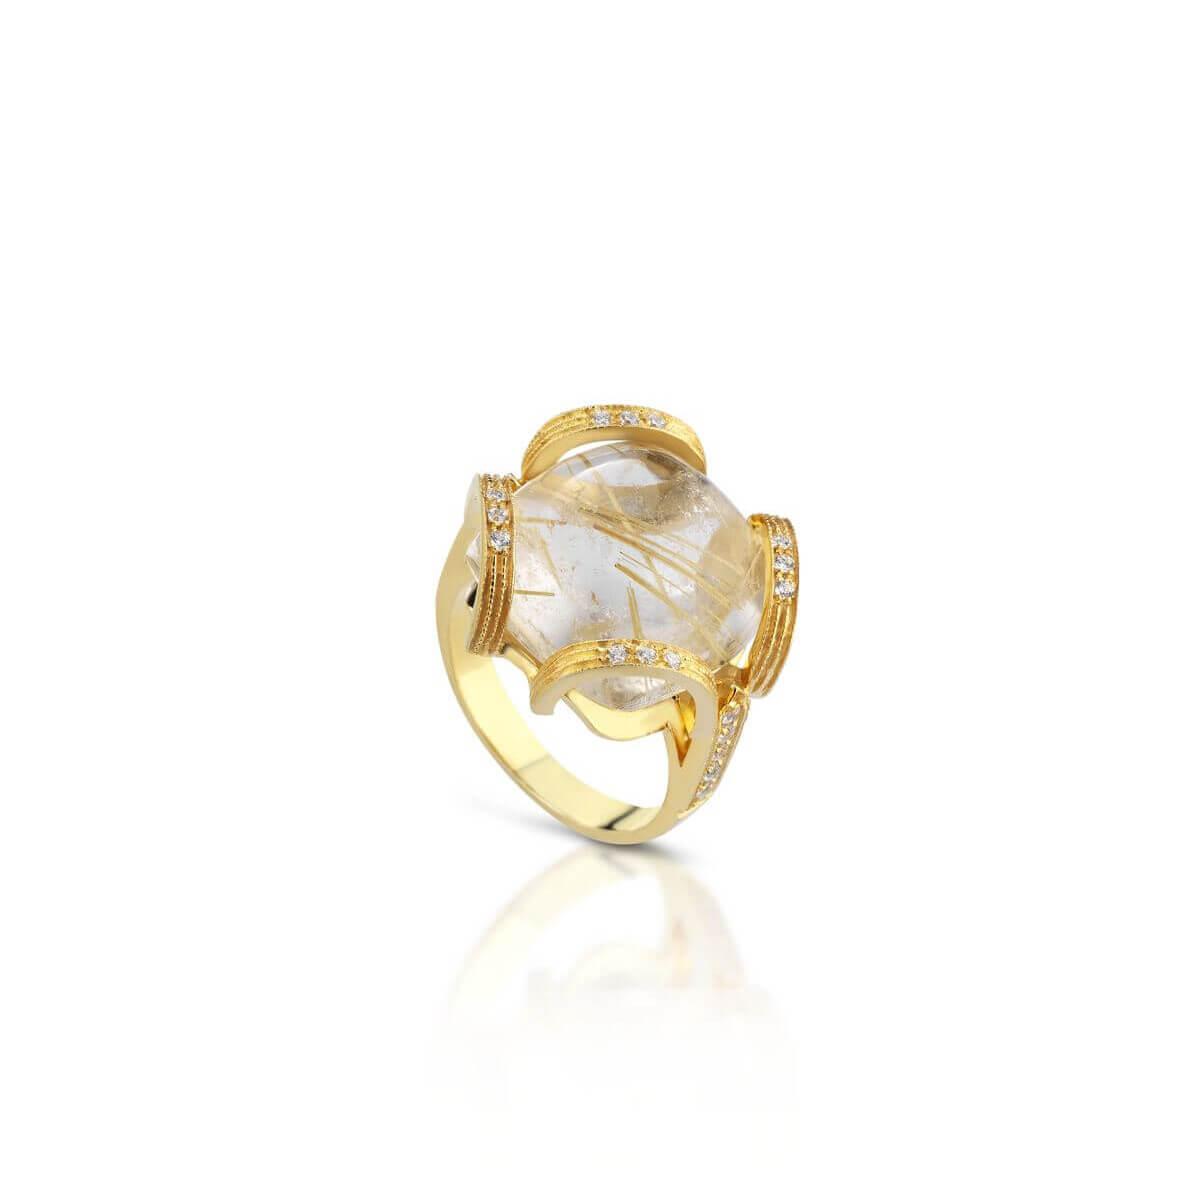 Rutiled quartz and cubic zirconia ring